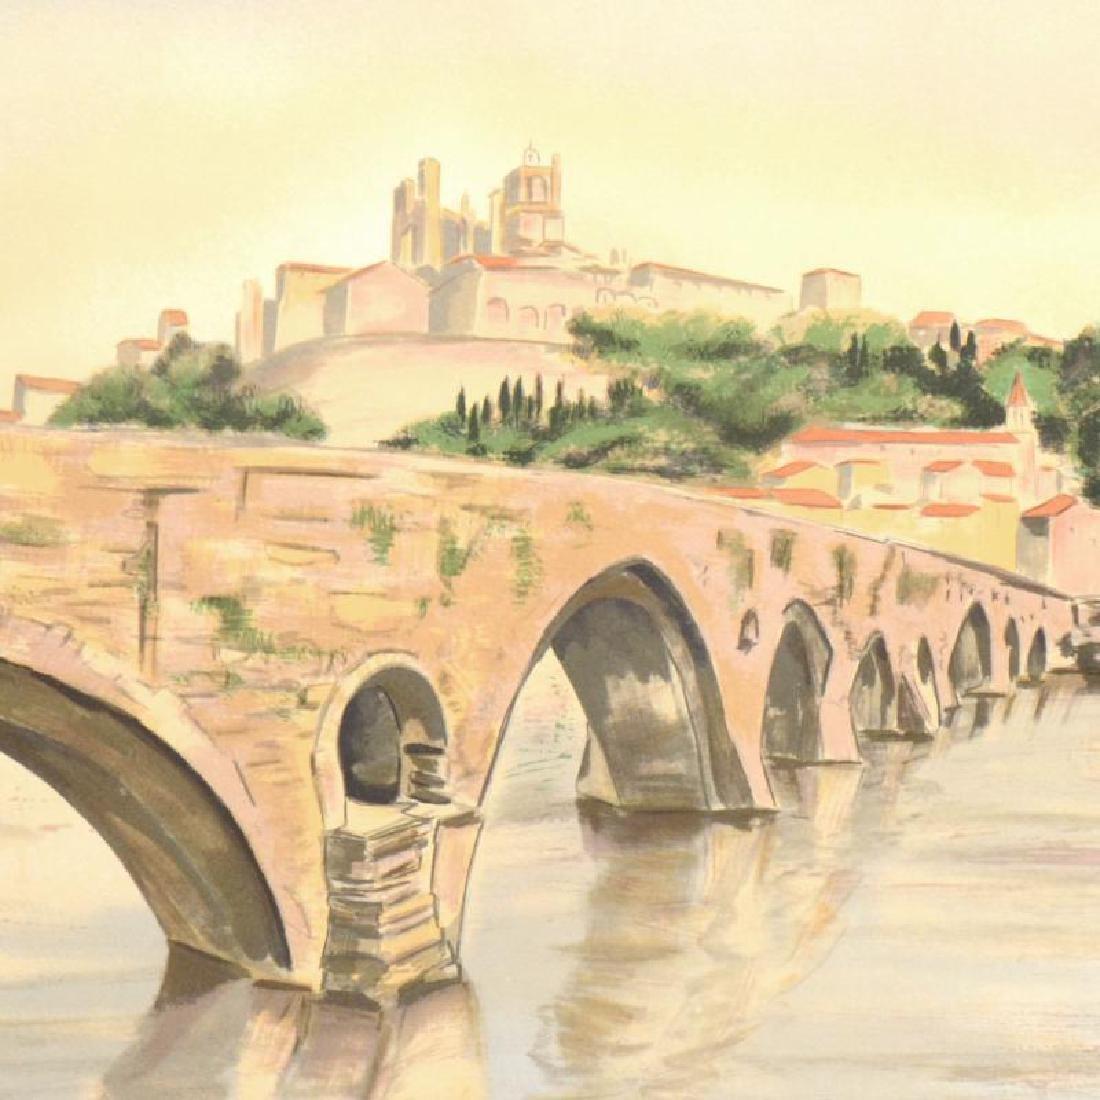 Avignon by Zarou, Victor - 2